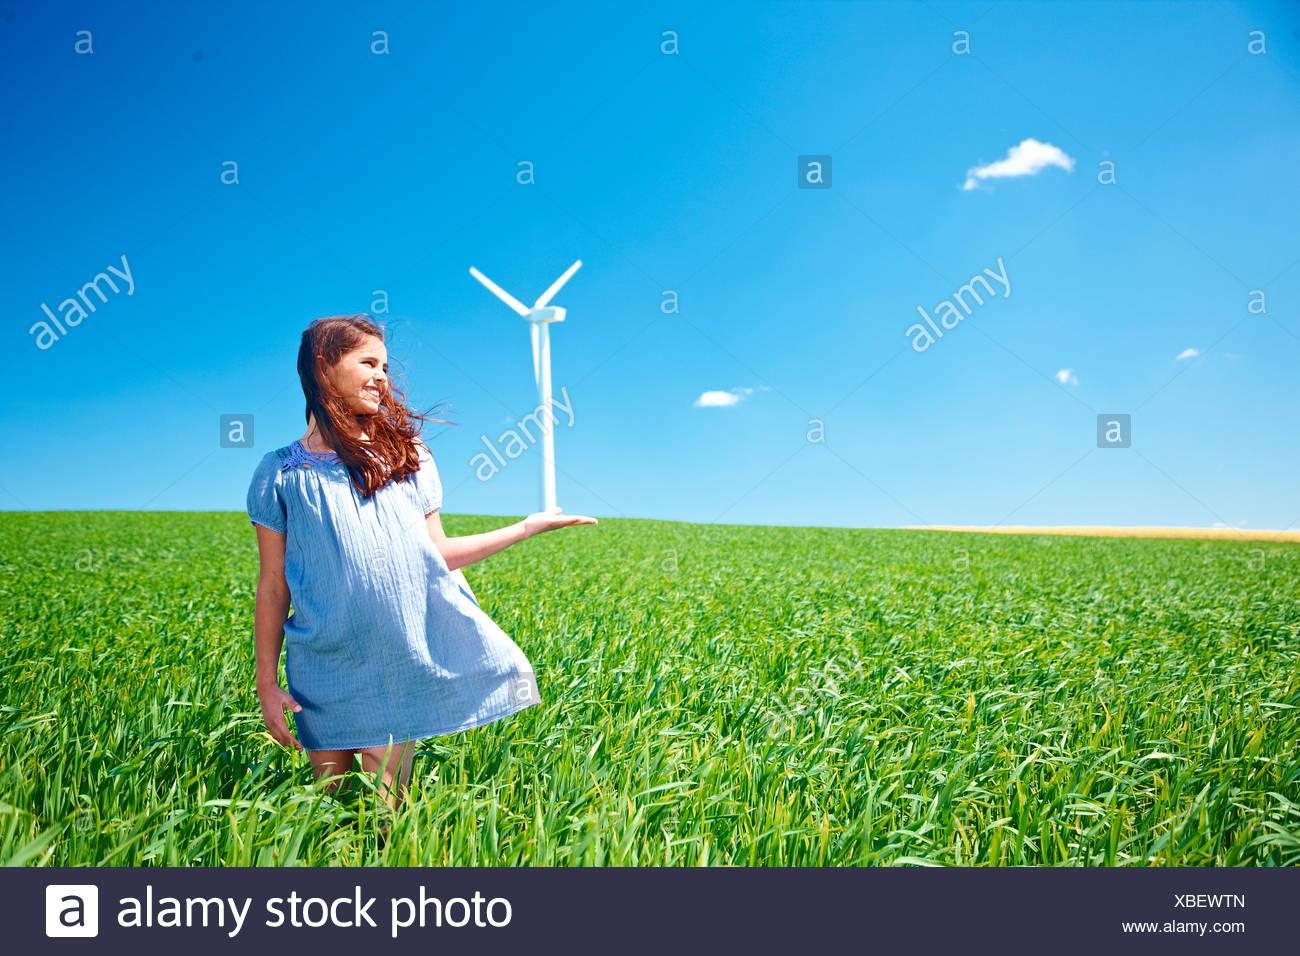 Mädchen mit Windturbine auf Feld Stockbild